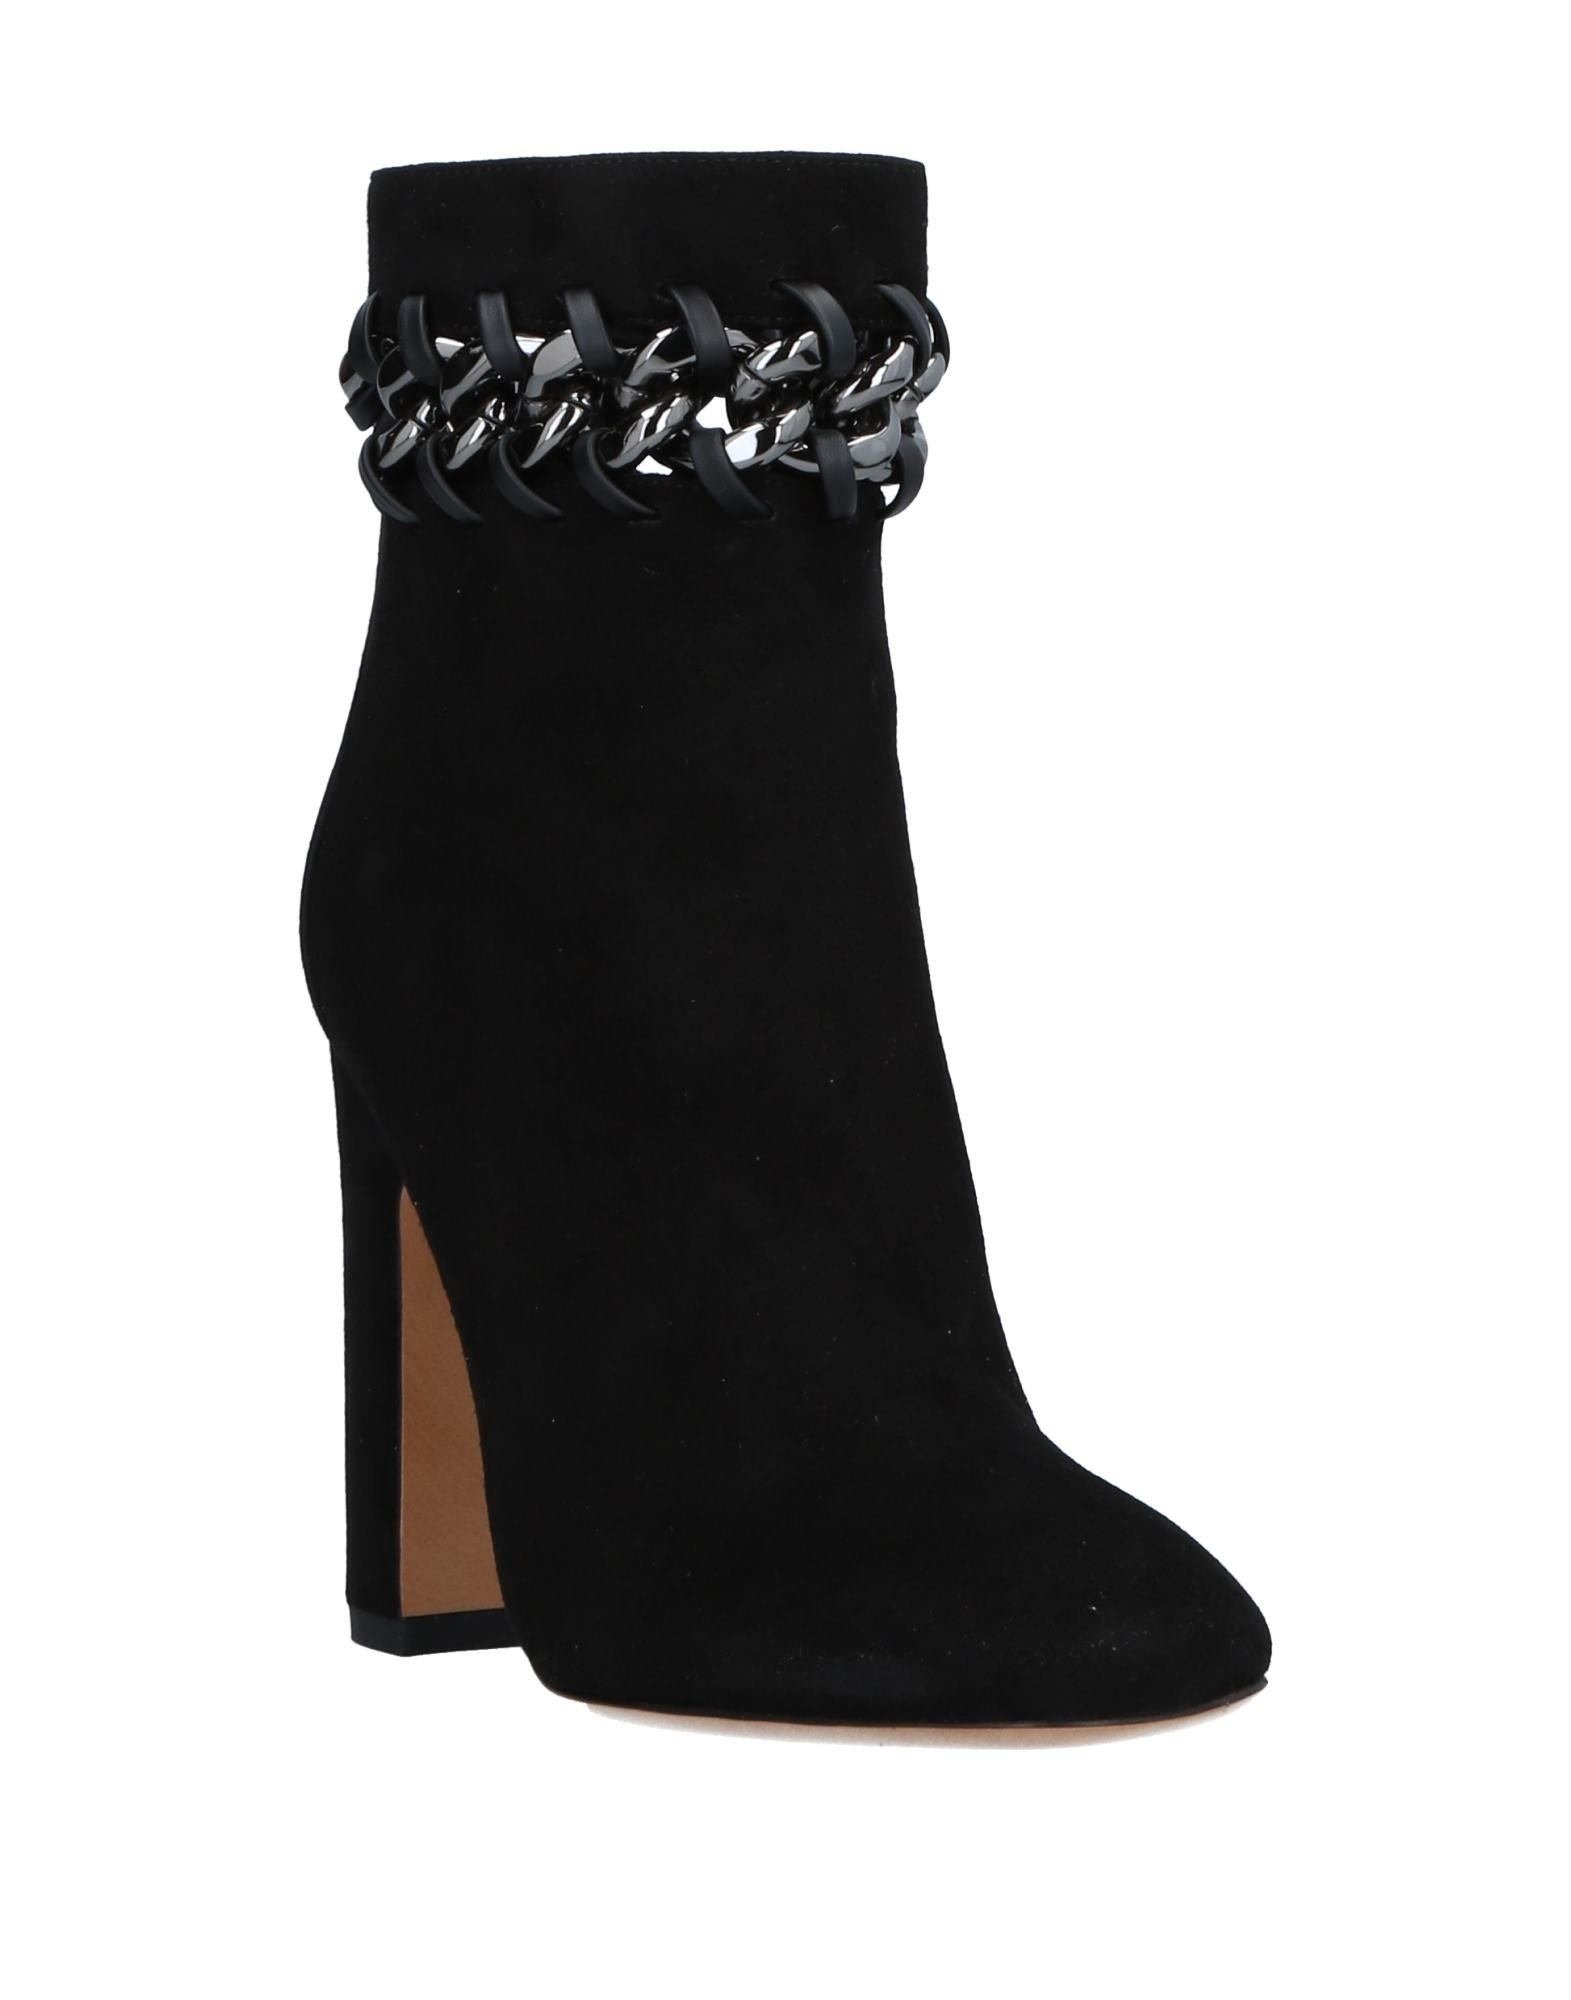 Valentino Garavani Stiefelette Damen aussehende  11537334TJGünstige gut aussehende Damen Schuhe 6f636e